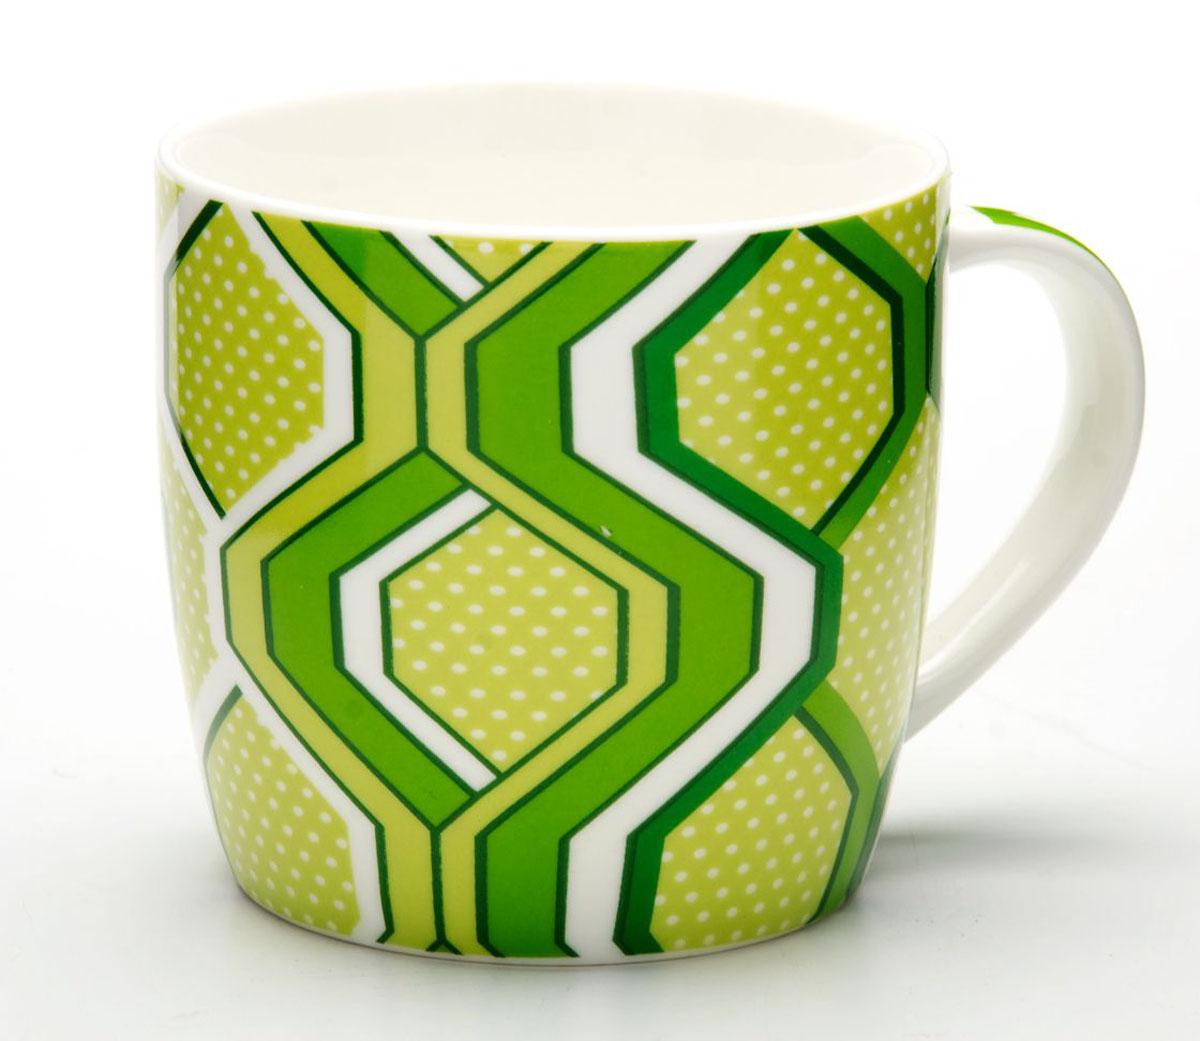 Кружка Loraine, цвет: светло-зеленый, 320 мл. 2448724487_светло-зеленыйКружка Loraine изготовлена из прочного качественного костяного фарфора. Изделие оформлено красочным рисунком. Благодаря своим термостатическим свойствам, изделие отлично сохраняет температуру содержимого - морозной зимой кружка будет согревать вас горячим чаем, а знойным летом, напротив, радовать прохладными напитками. Такой аксессуар создаст атмосферу тепла и уюта, настроит на позитивный лад и подарит хорошее настроение с самого утра. Это оригинальное изделие идеально подойдет в подарок близкому человеку. Диаметр (по верхнему краю): 8,5 см. Высота кружки: 8,2 см. Объем: 320 мл.